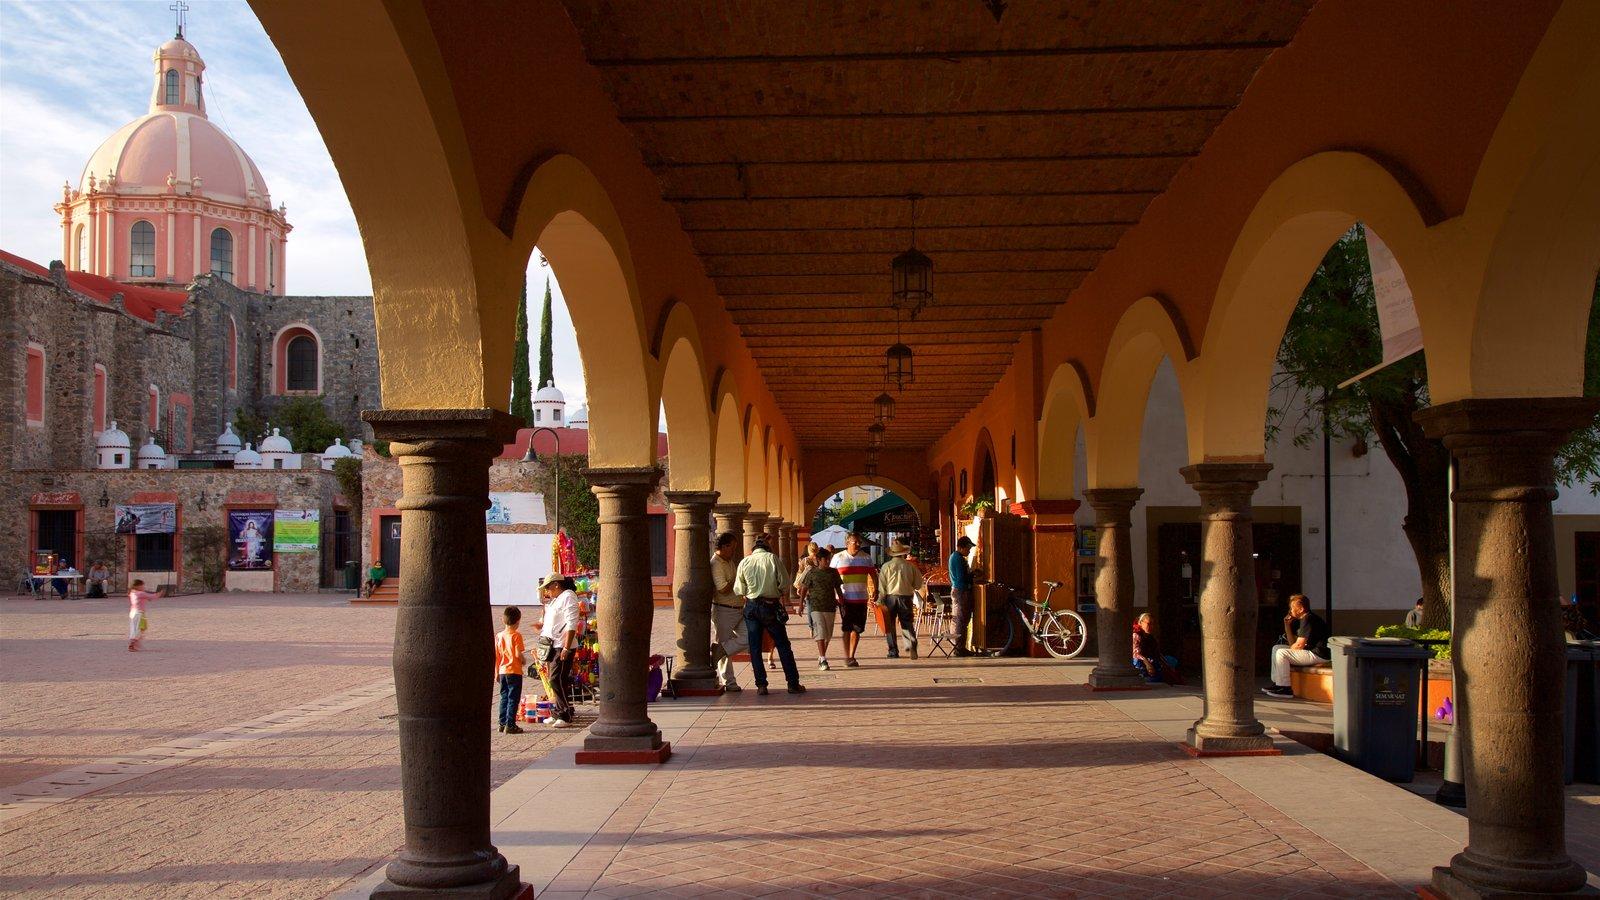 Tequisquiapan que inclui um pôr do sol, uma praça ou plaza e arquitetura de patrimônio